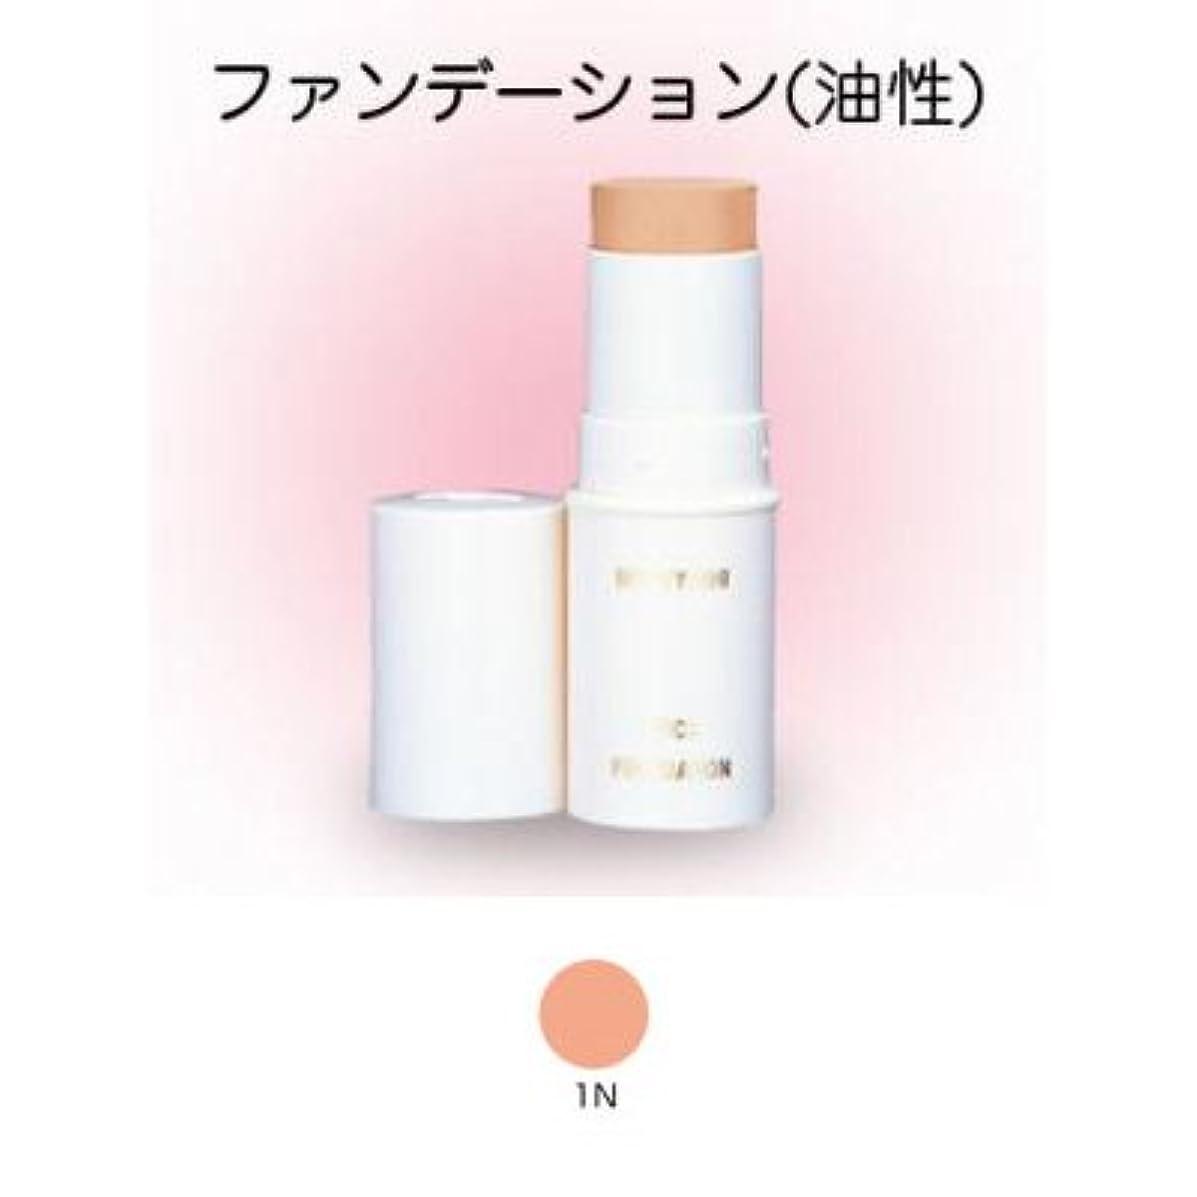 ほんの欠席撃退するスティックファンデーション 16g 1N 【三善】